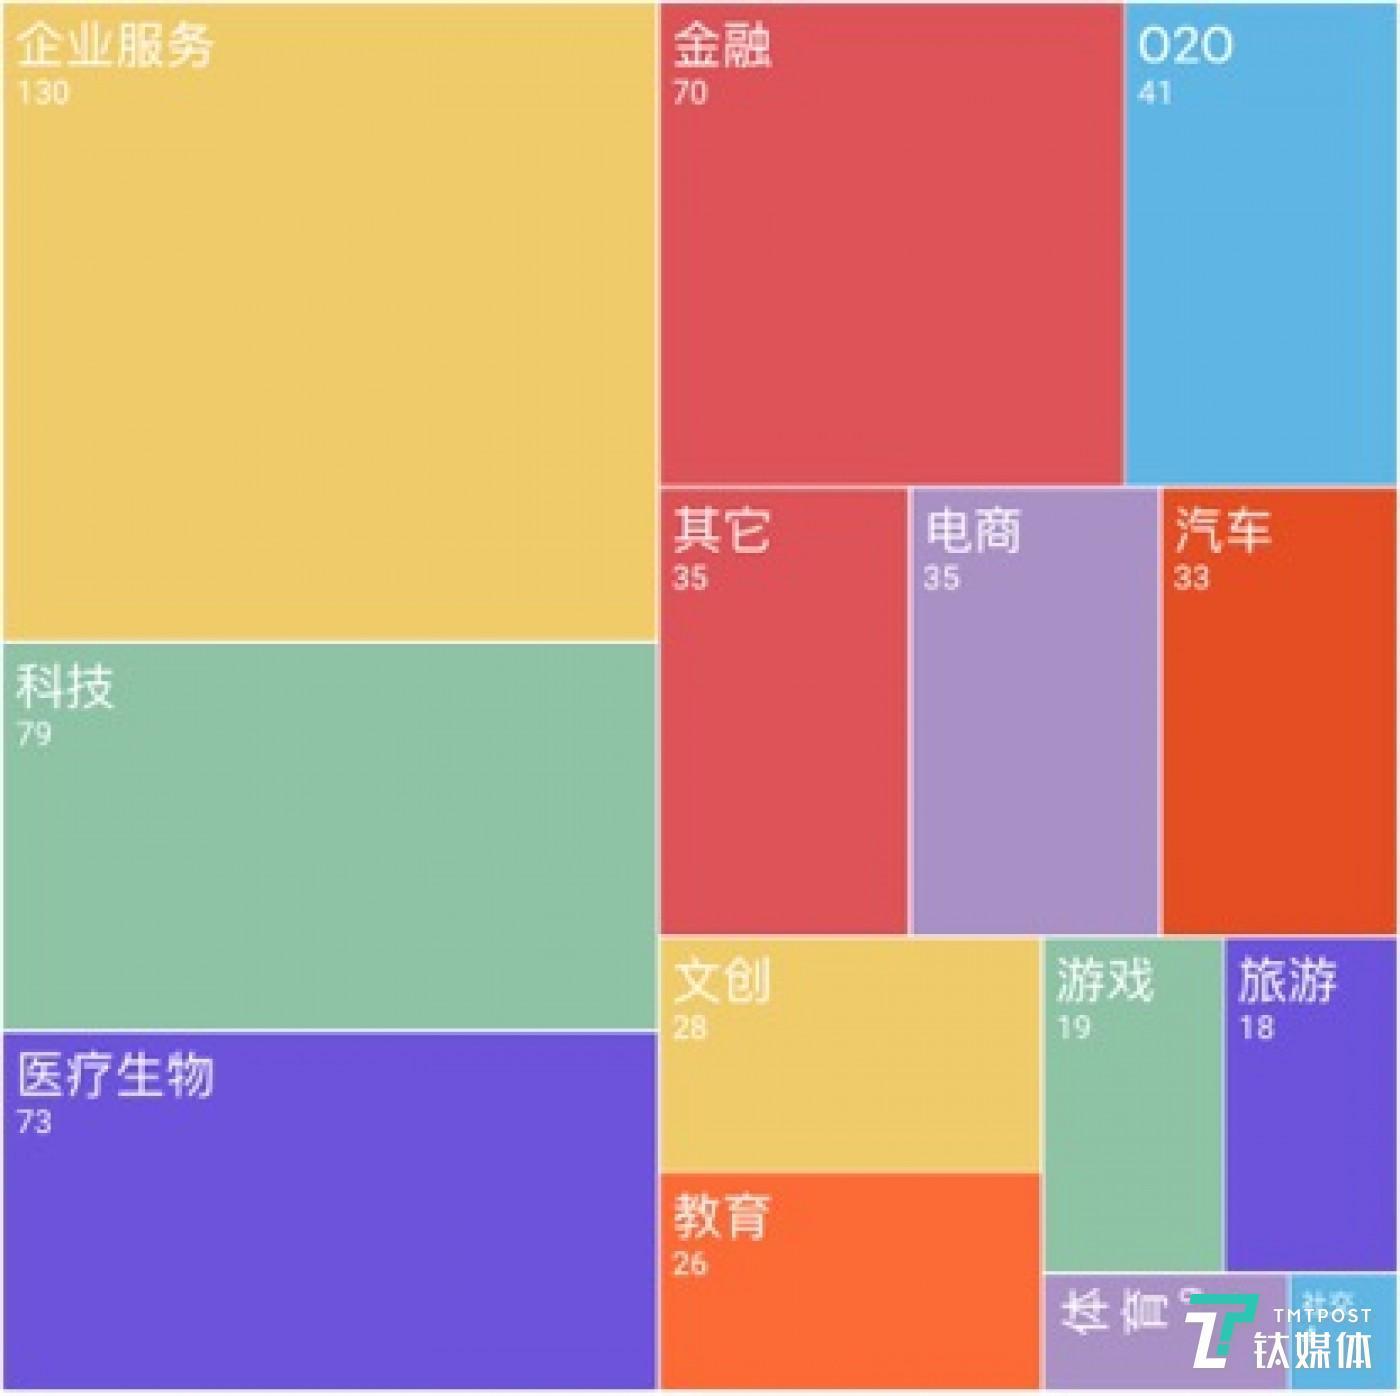 第二季度国外各领域融资事件数量